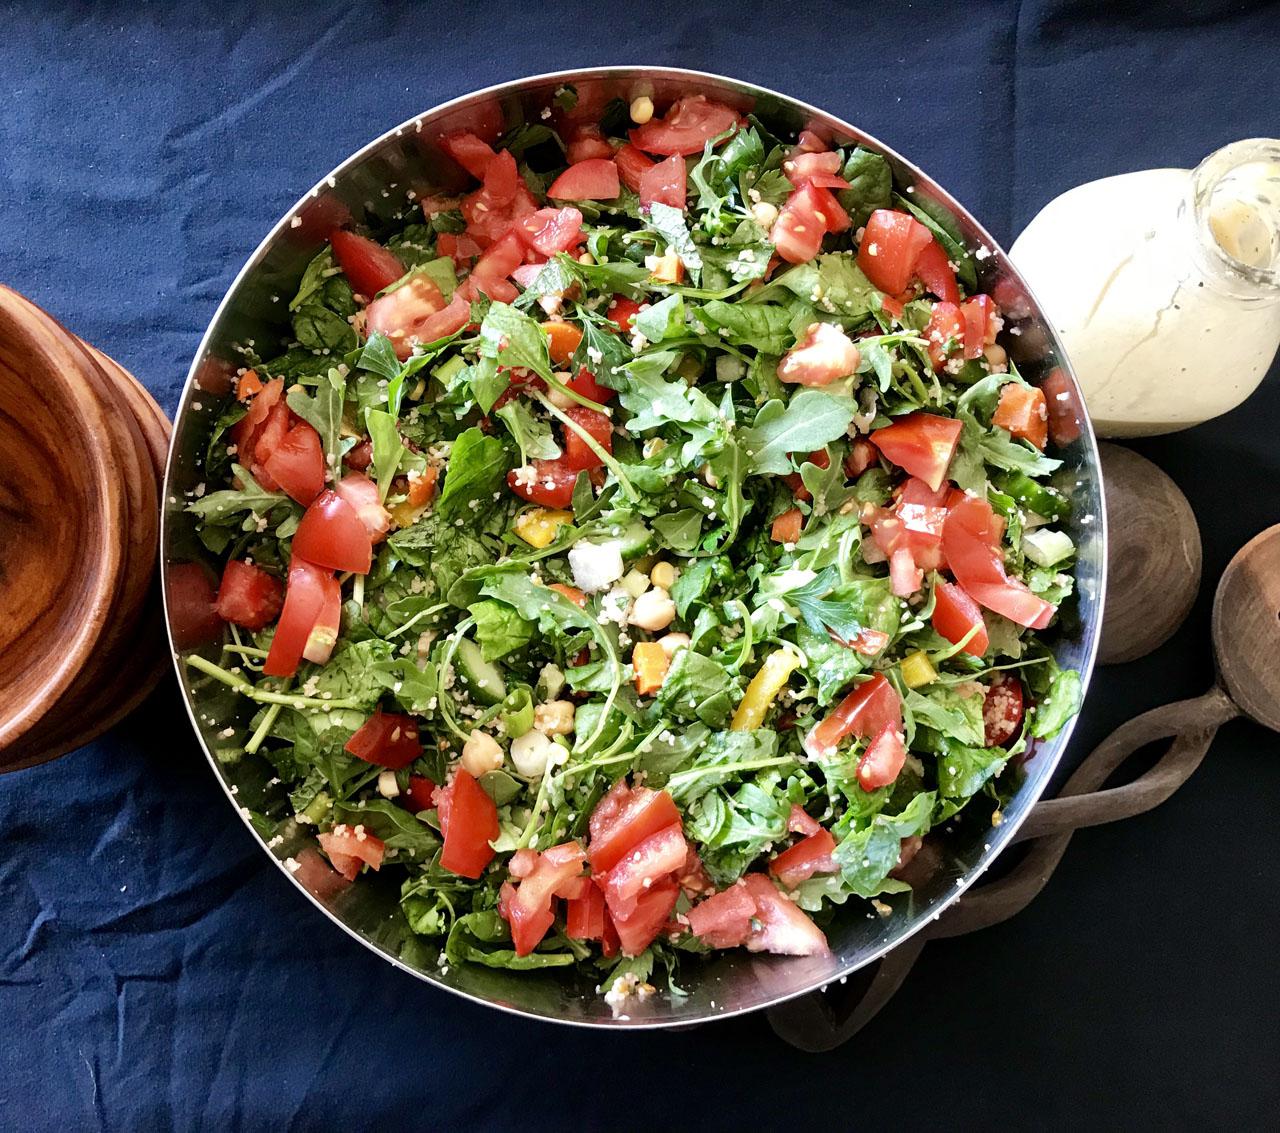 A Very Large Salad (Photo/Faith Kramer)